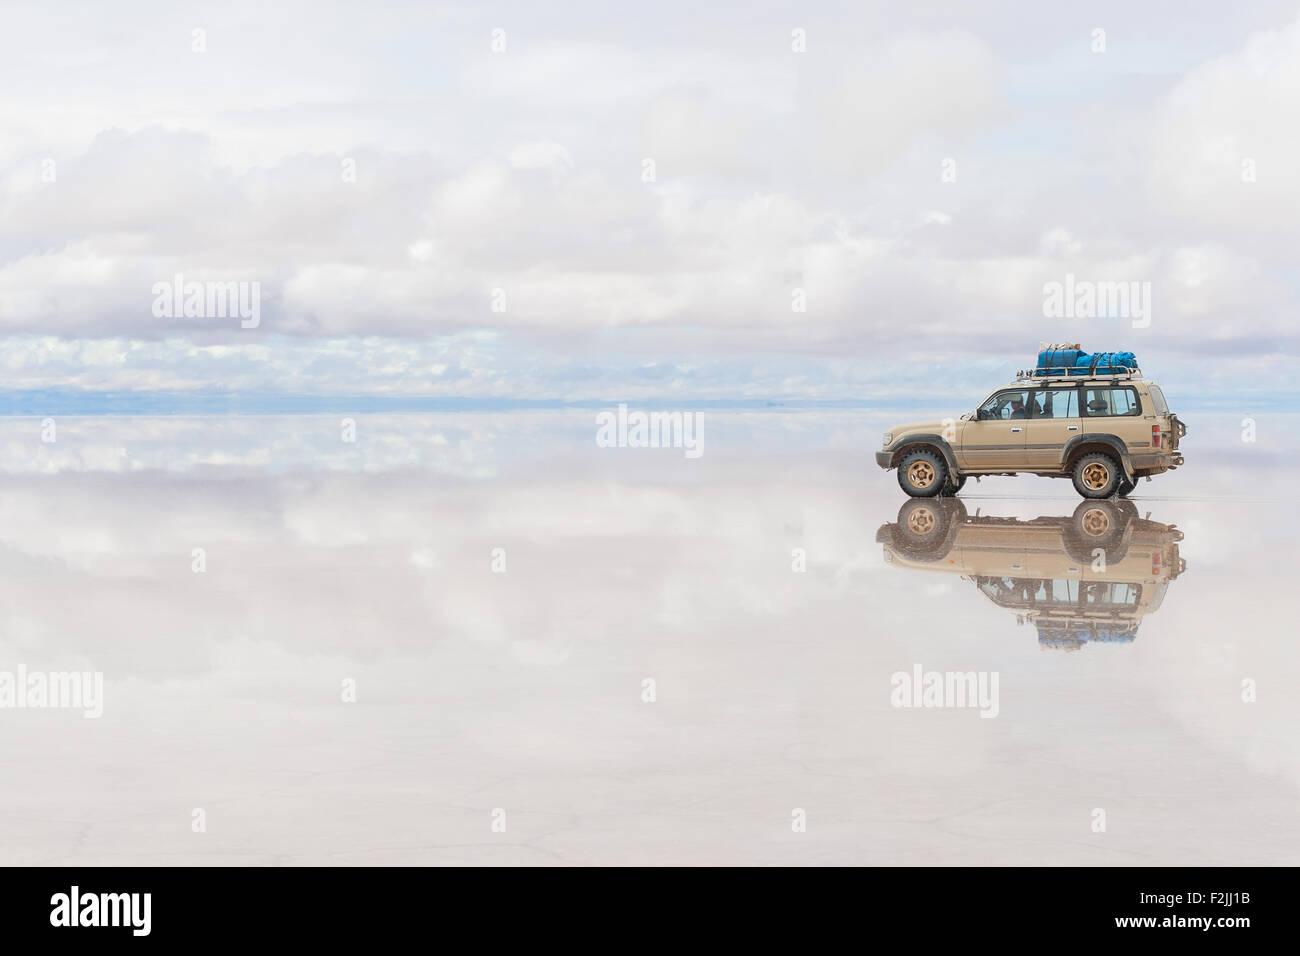 Offroad-Fahrzeug auf die reflektierte Oberfläche des Sees Salar de Uyuni in Bolivien Stockfoto